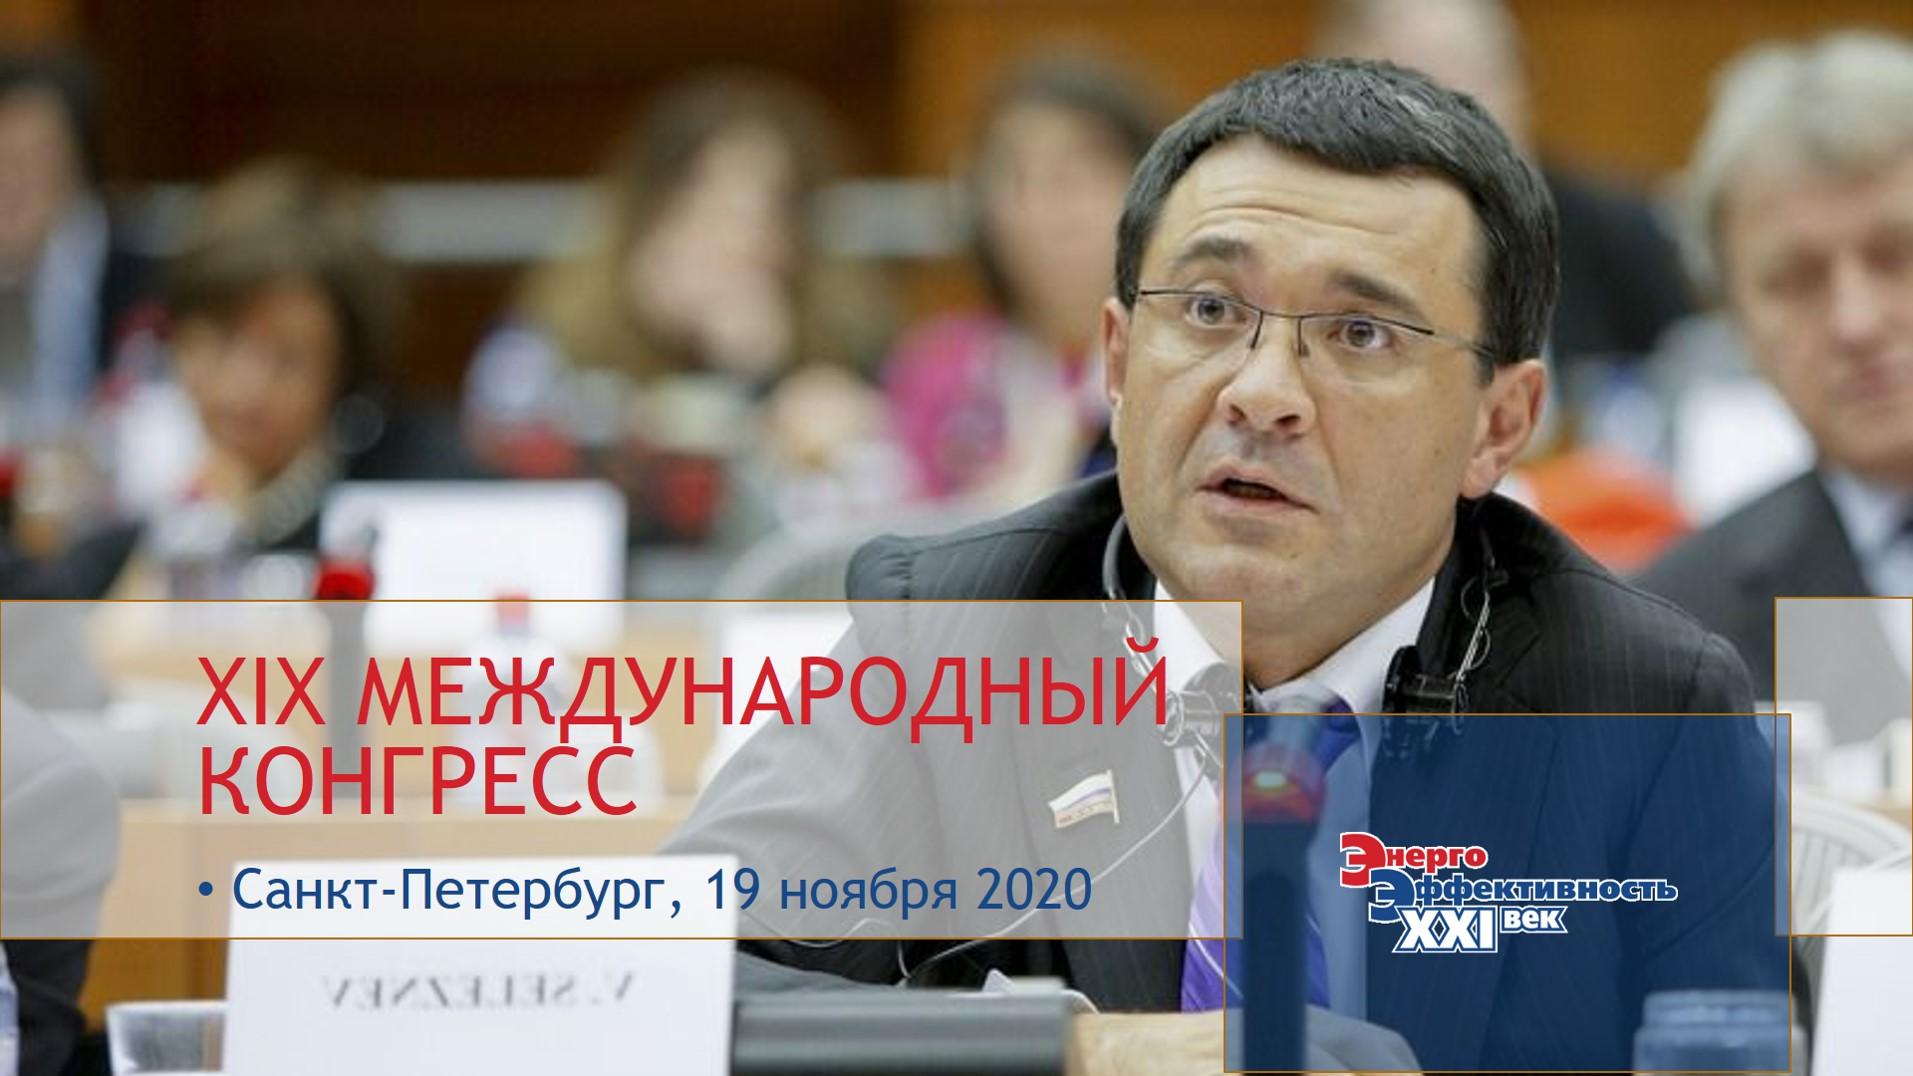 Государственная Дума России поддержала конгресс «Энергоэффективность. XXI век»